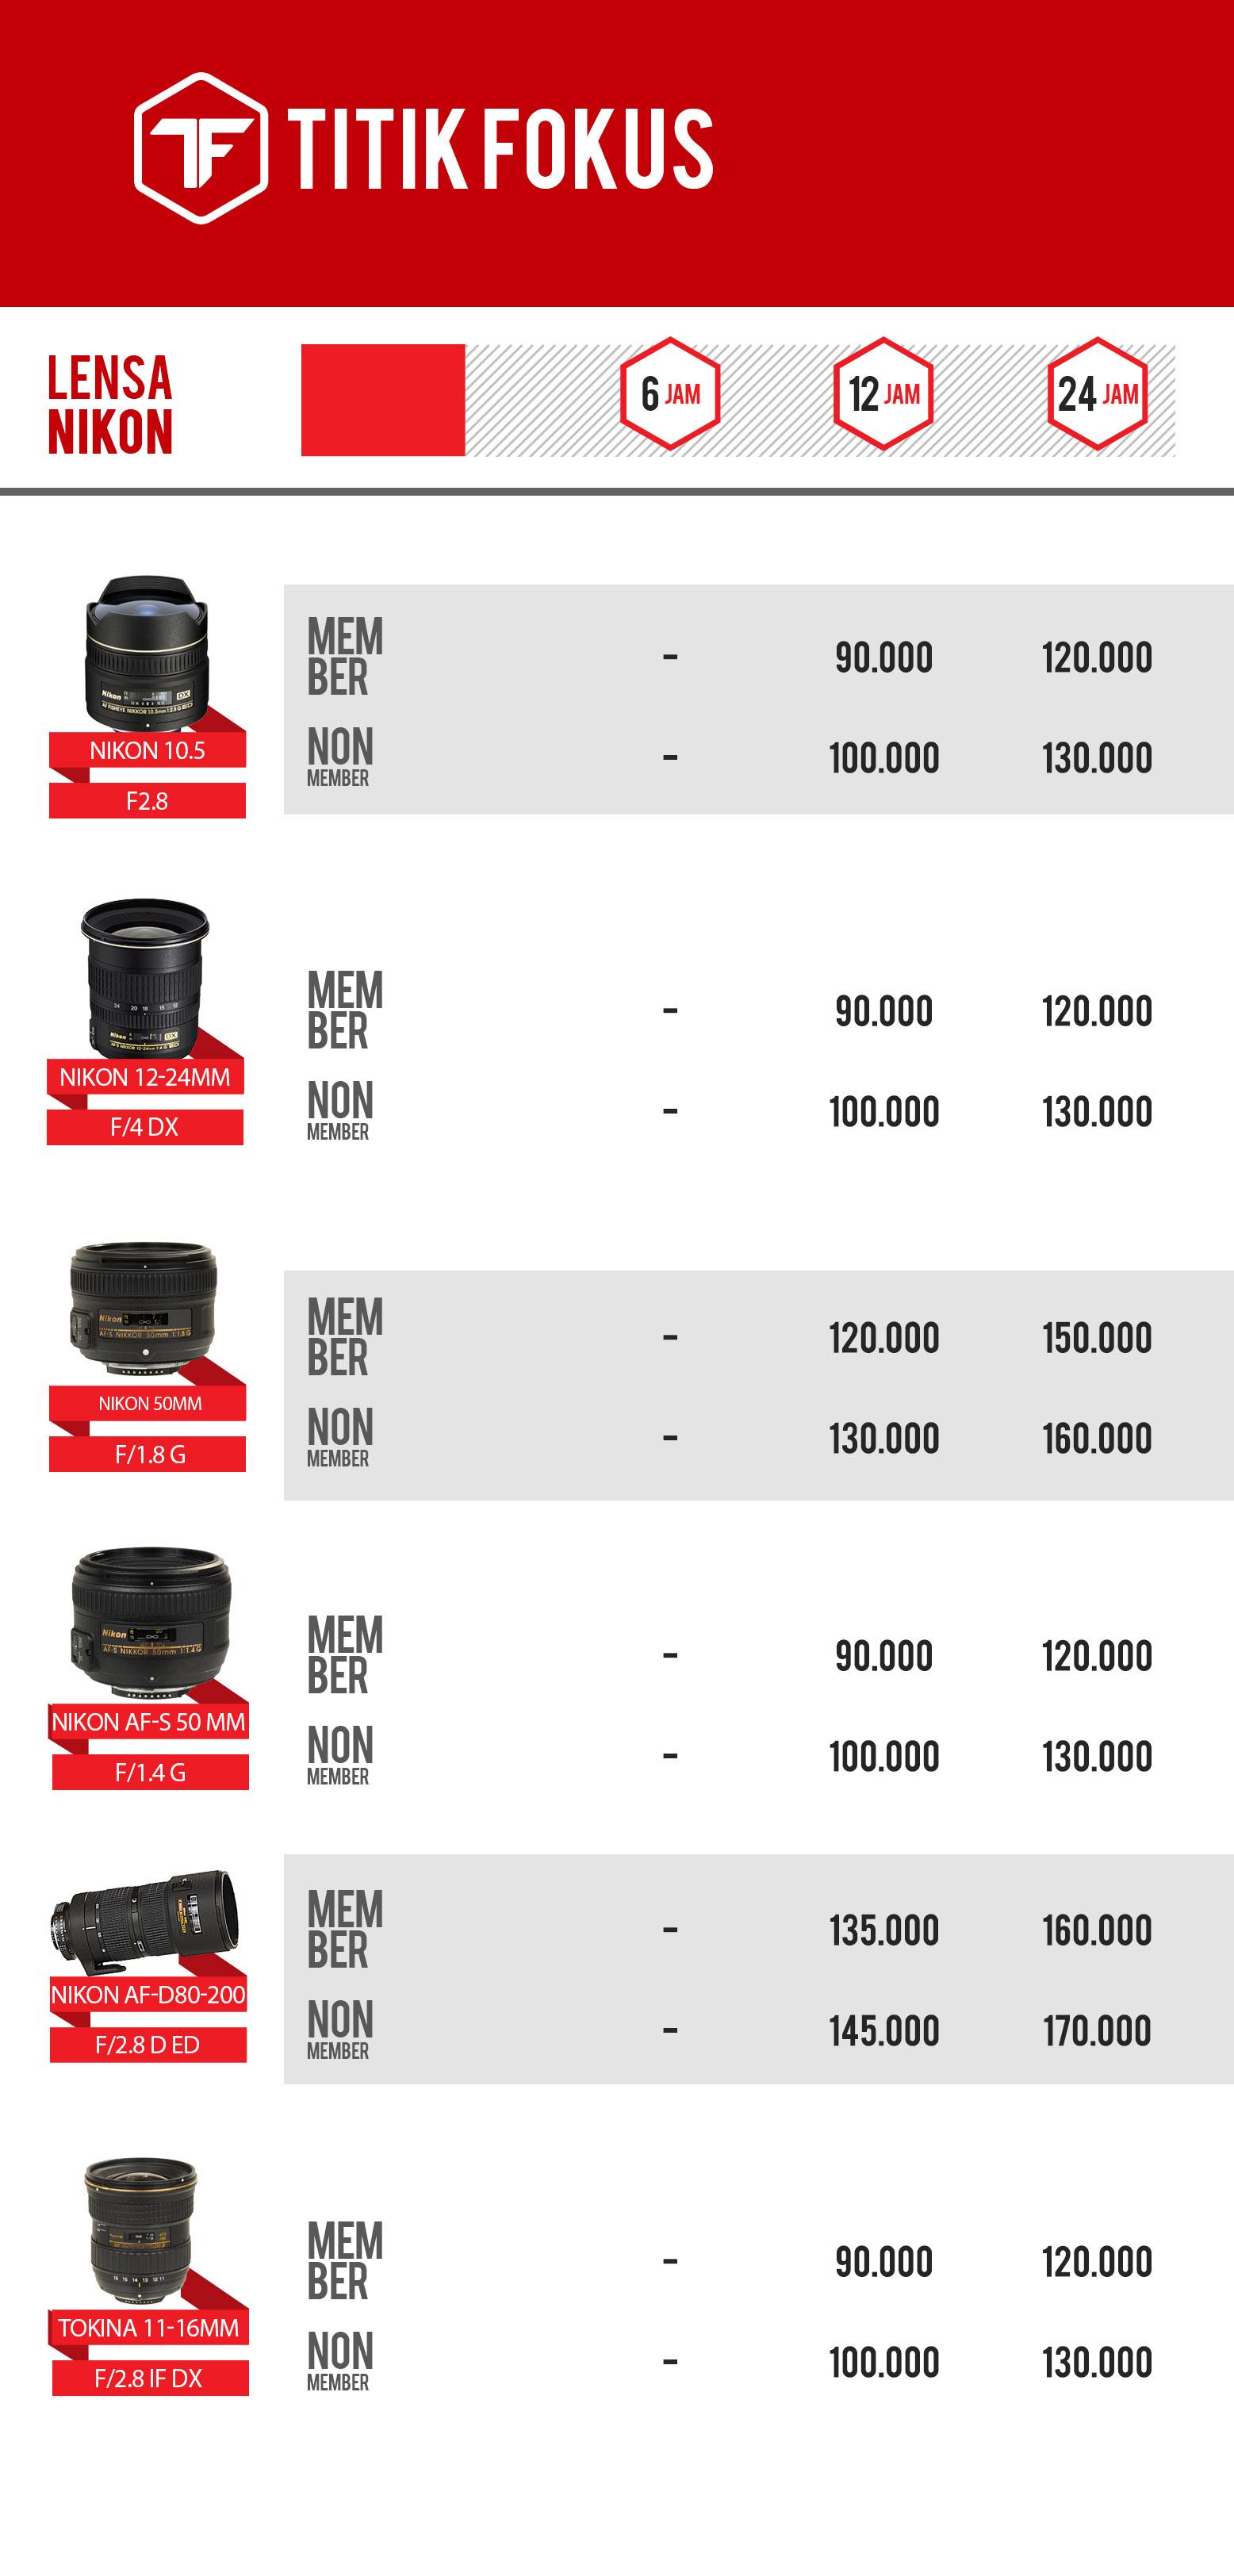 Daftar Harga Lensa Nikon Weekday